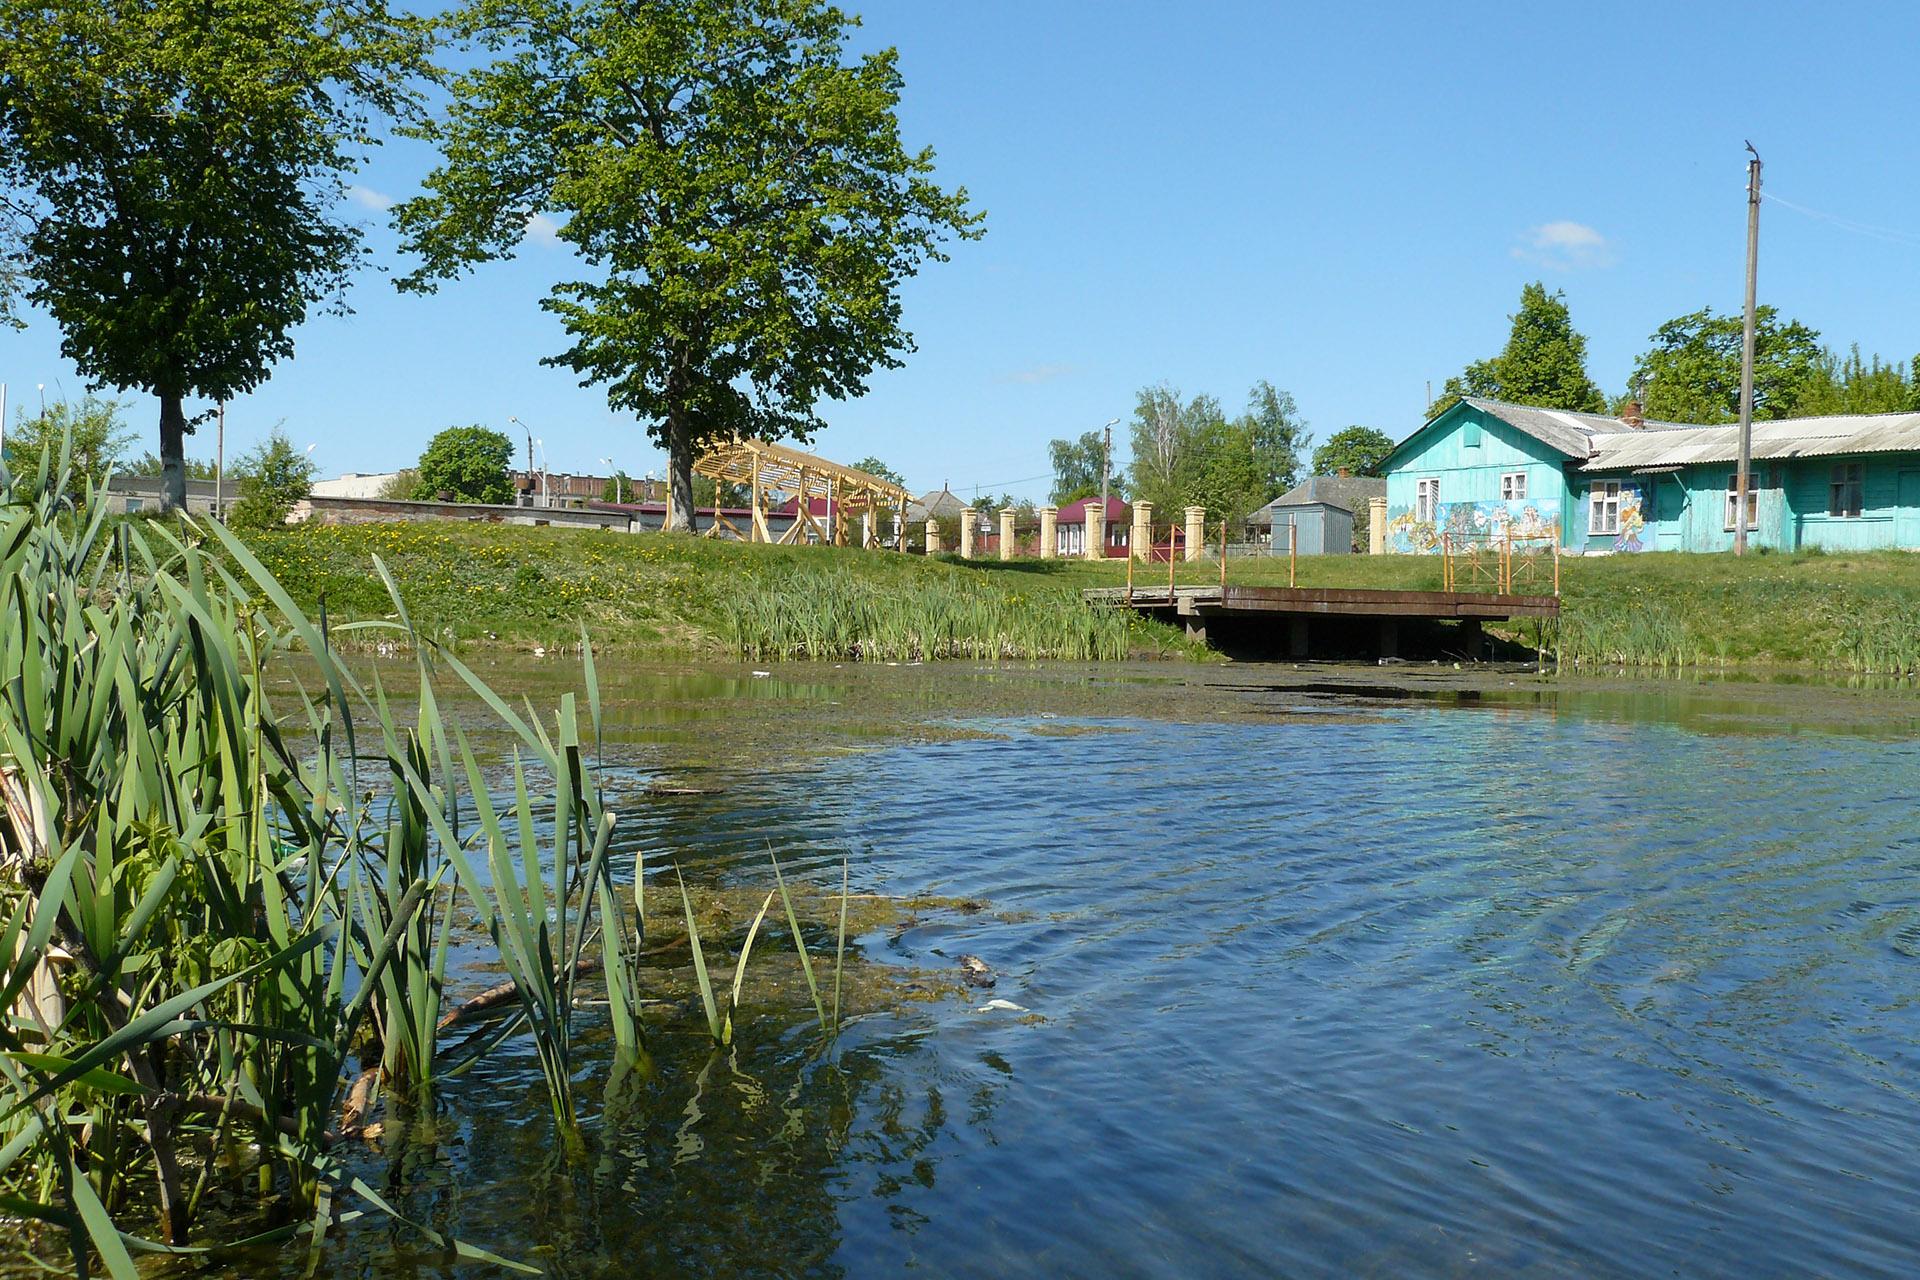 В Клинцах пруду в парке им. В.Воровского придали официальный статус городского водоема. Мэр города поделился планами сохранения исторически сложившейся инфраструктуры культуры и отдыха